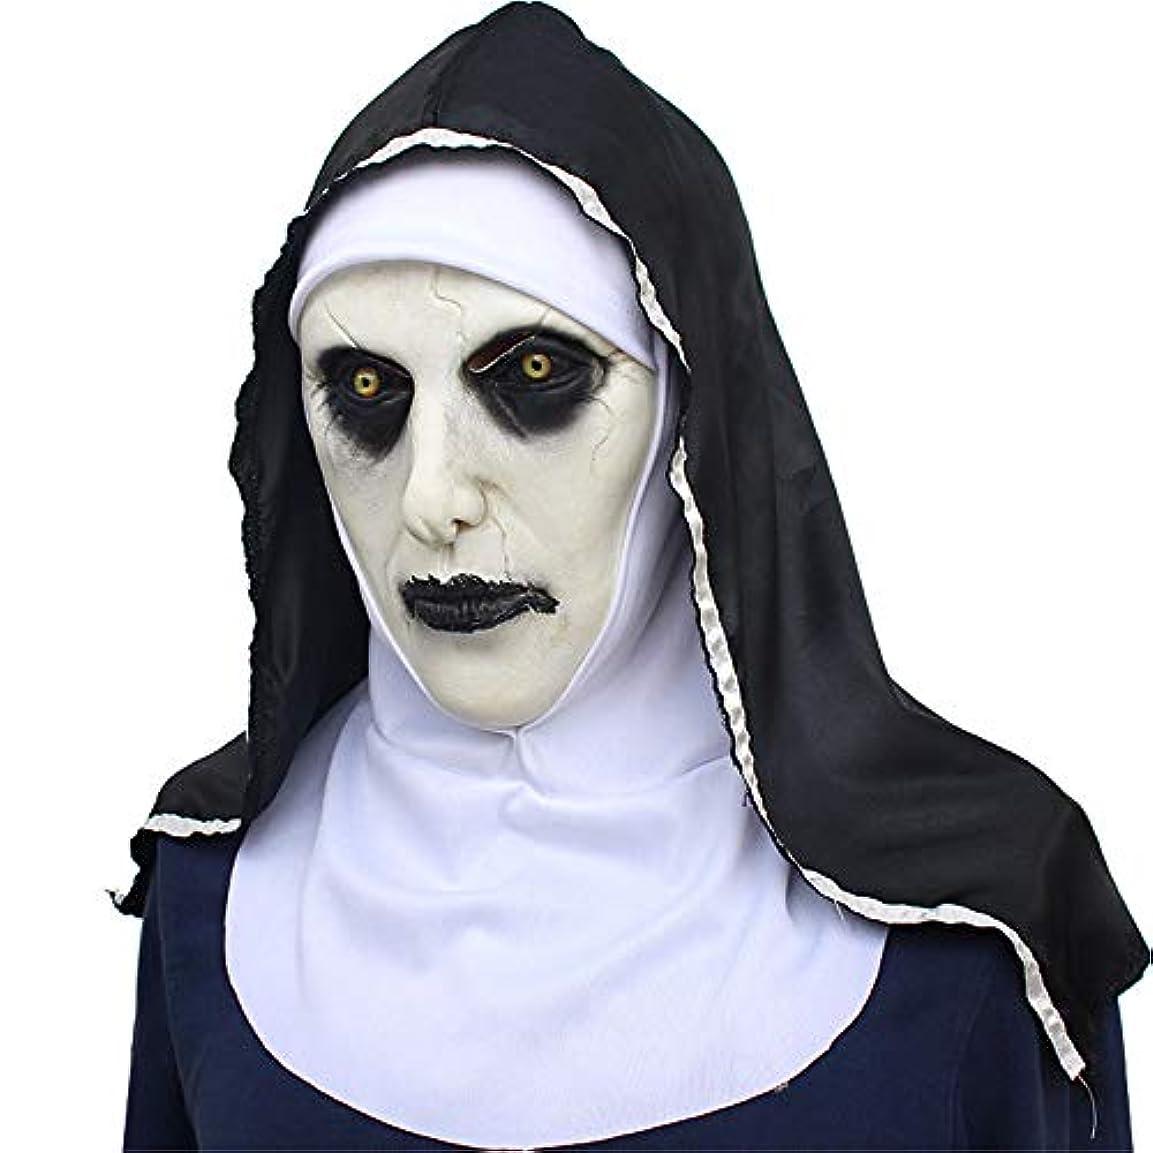 ジムモンクご飯ハロウィンゴーストフェスティバルホラー修道女仮面の気絶女性ゴーストフェイスカバー